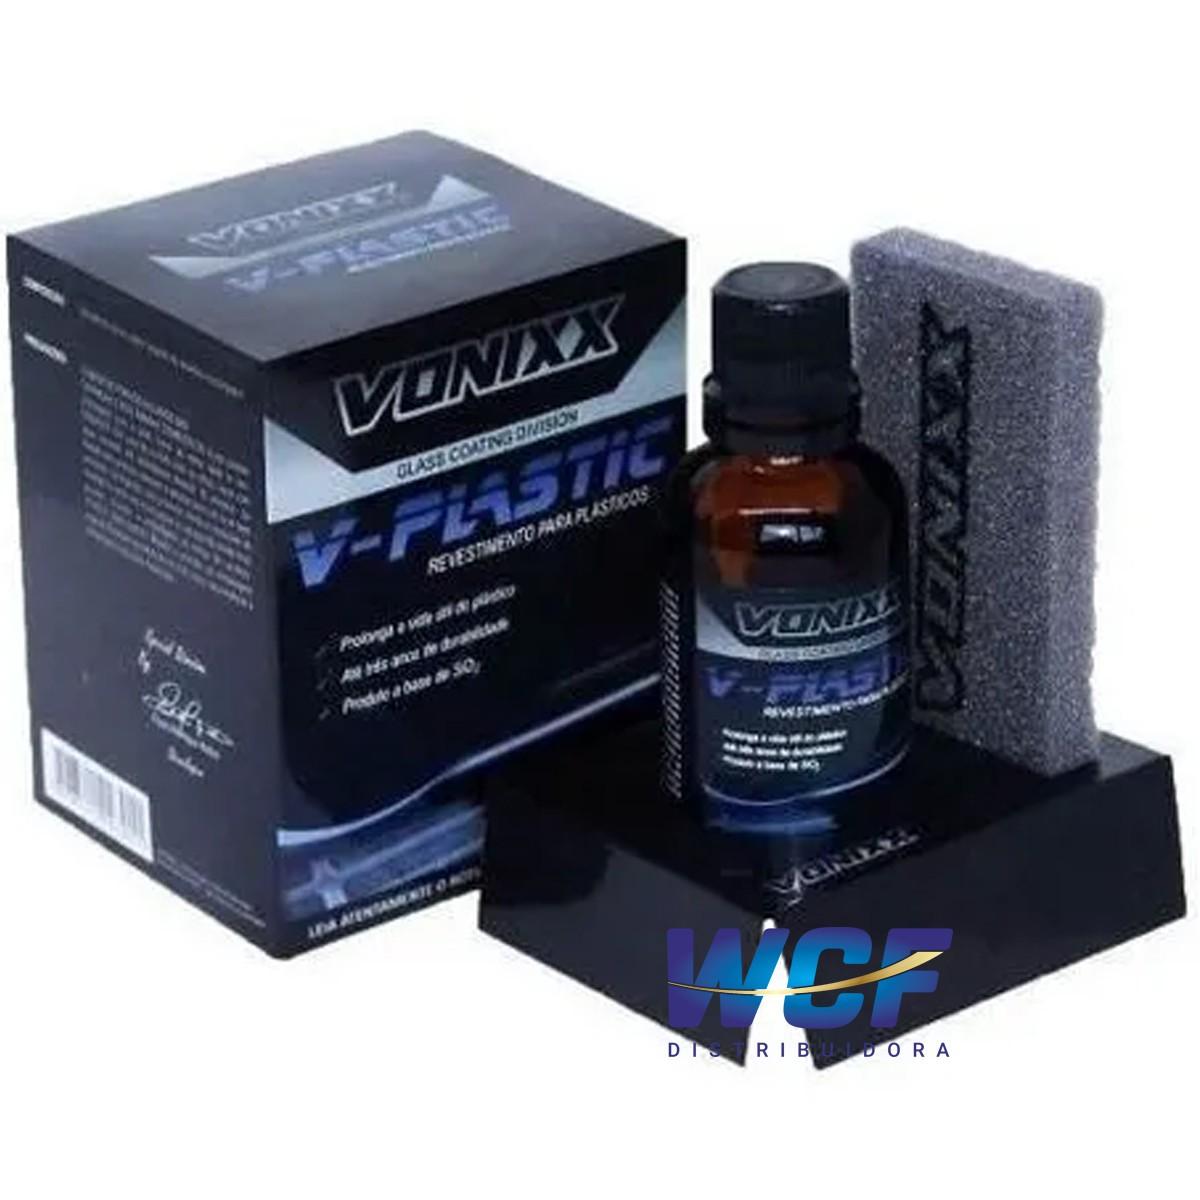 VONIXX V-PLASTIC 20 ML